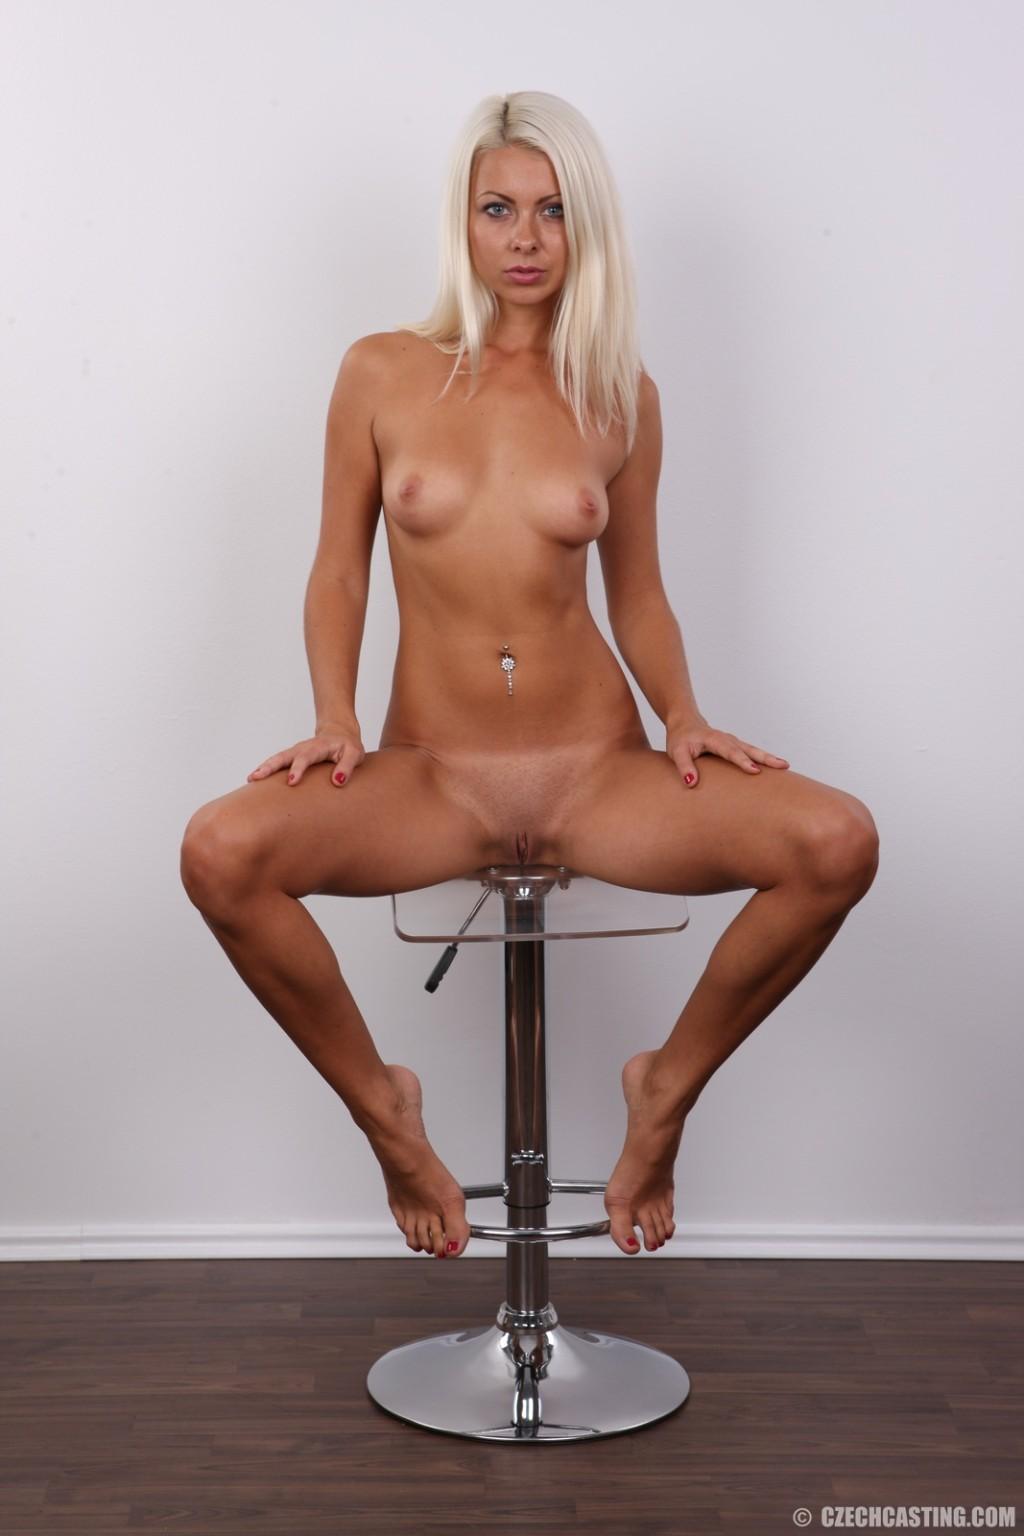 Красивая блондинка позирует без одежды, возбуждая своим прекрасным внешним видом